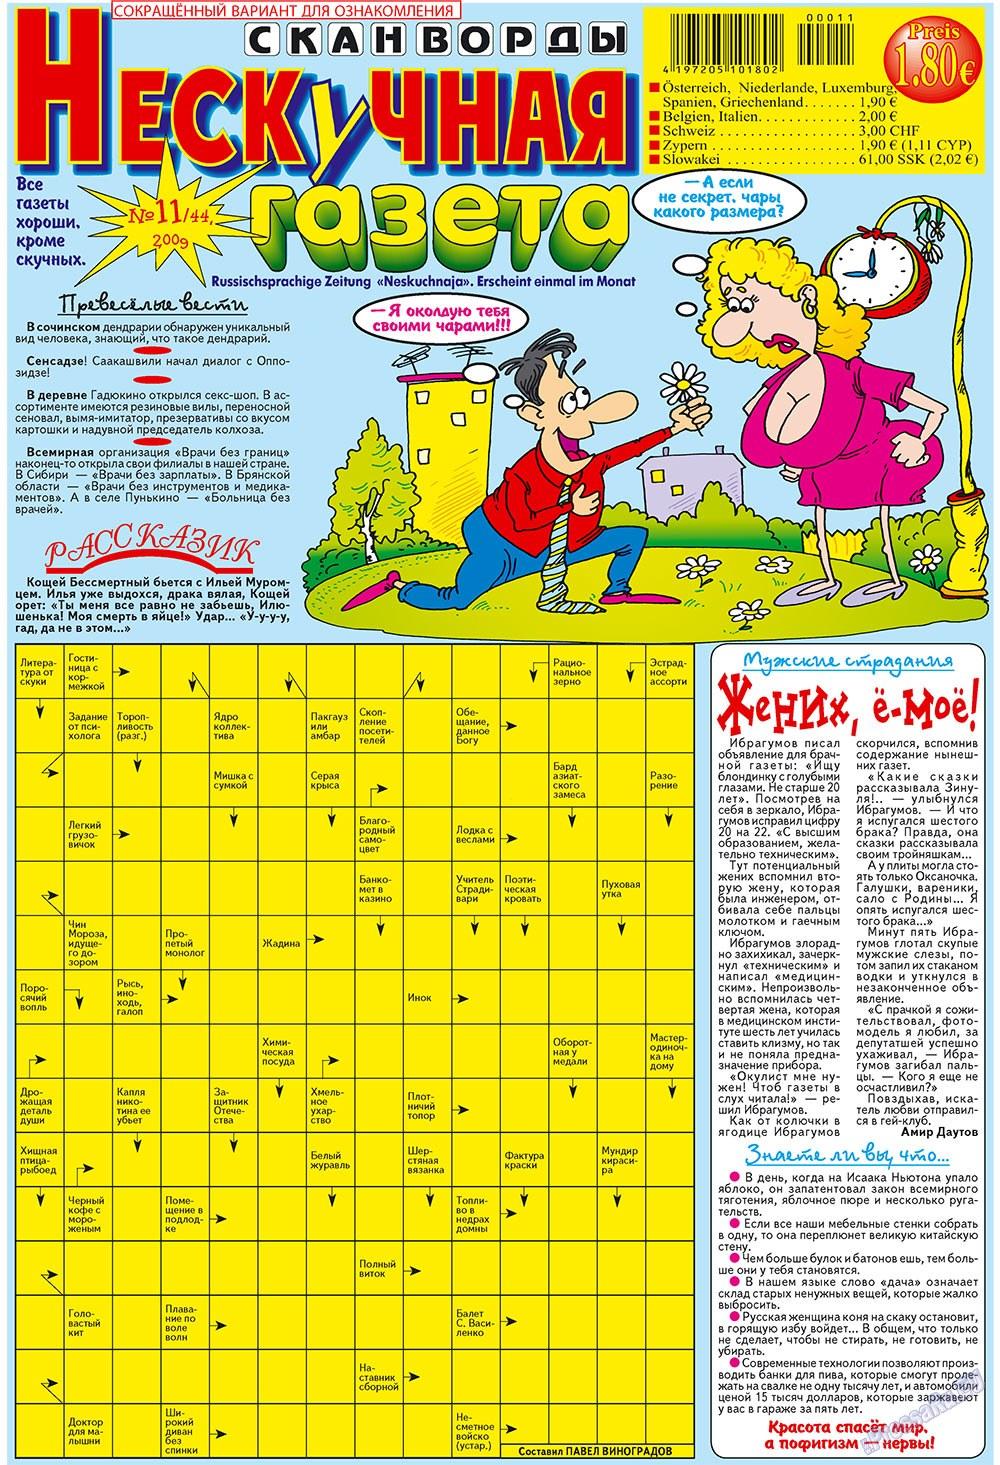 Нескучная газета (журнал). 2009 год, номер 11, стр. 1